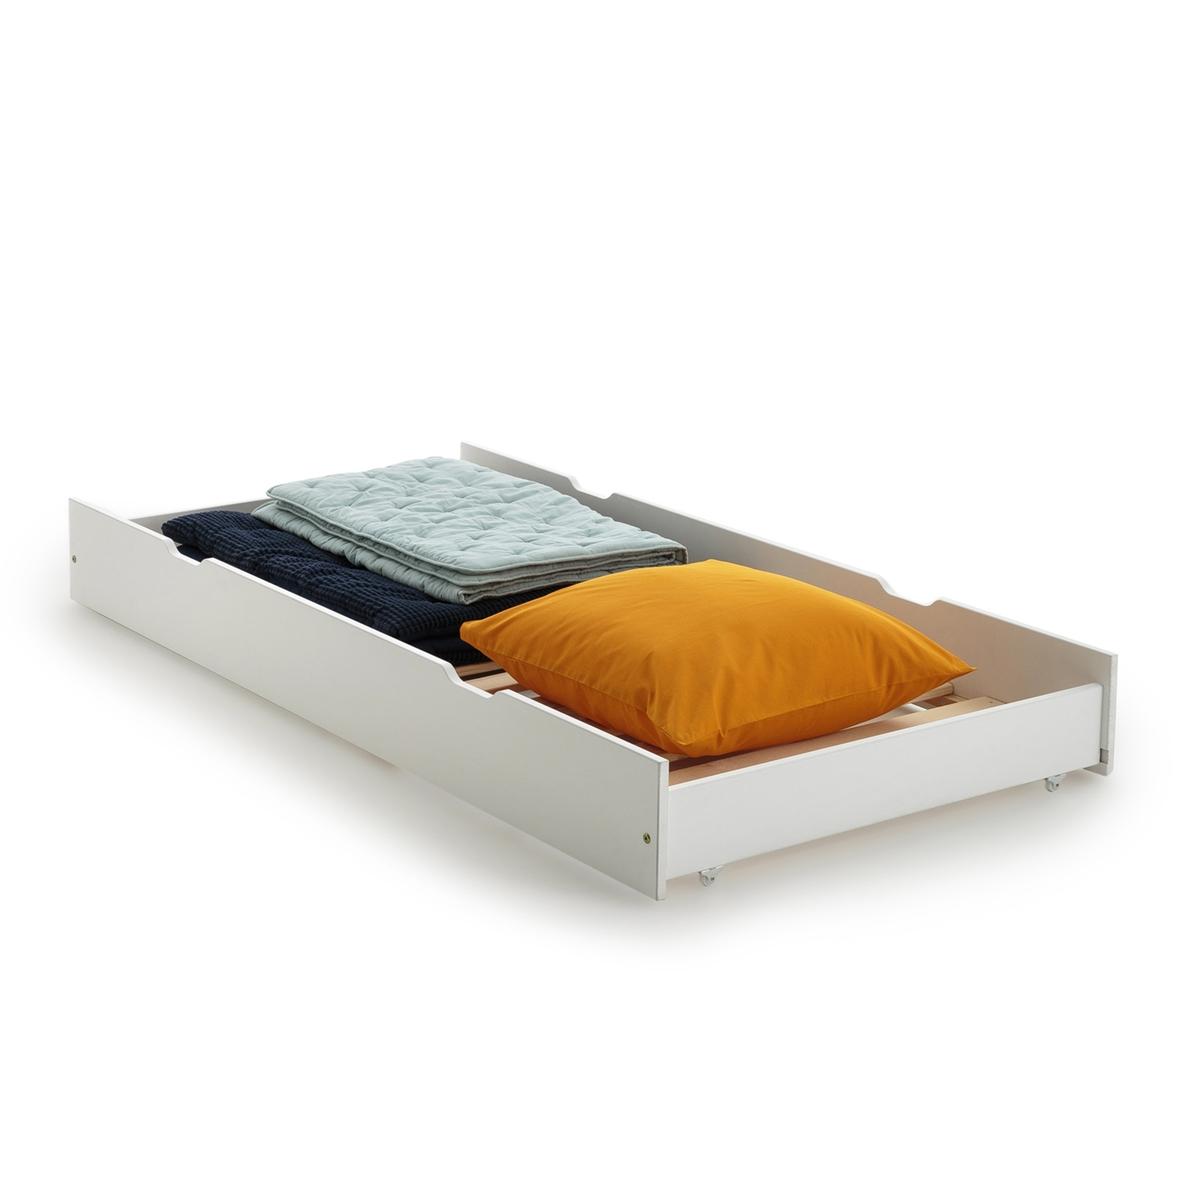 Ящик для кровати из массива сосны, Loan